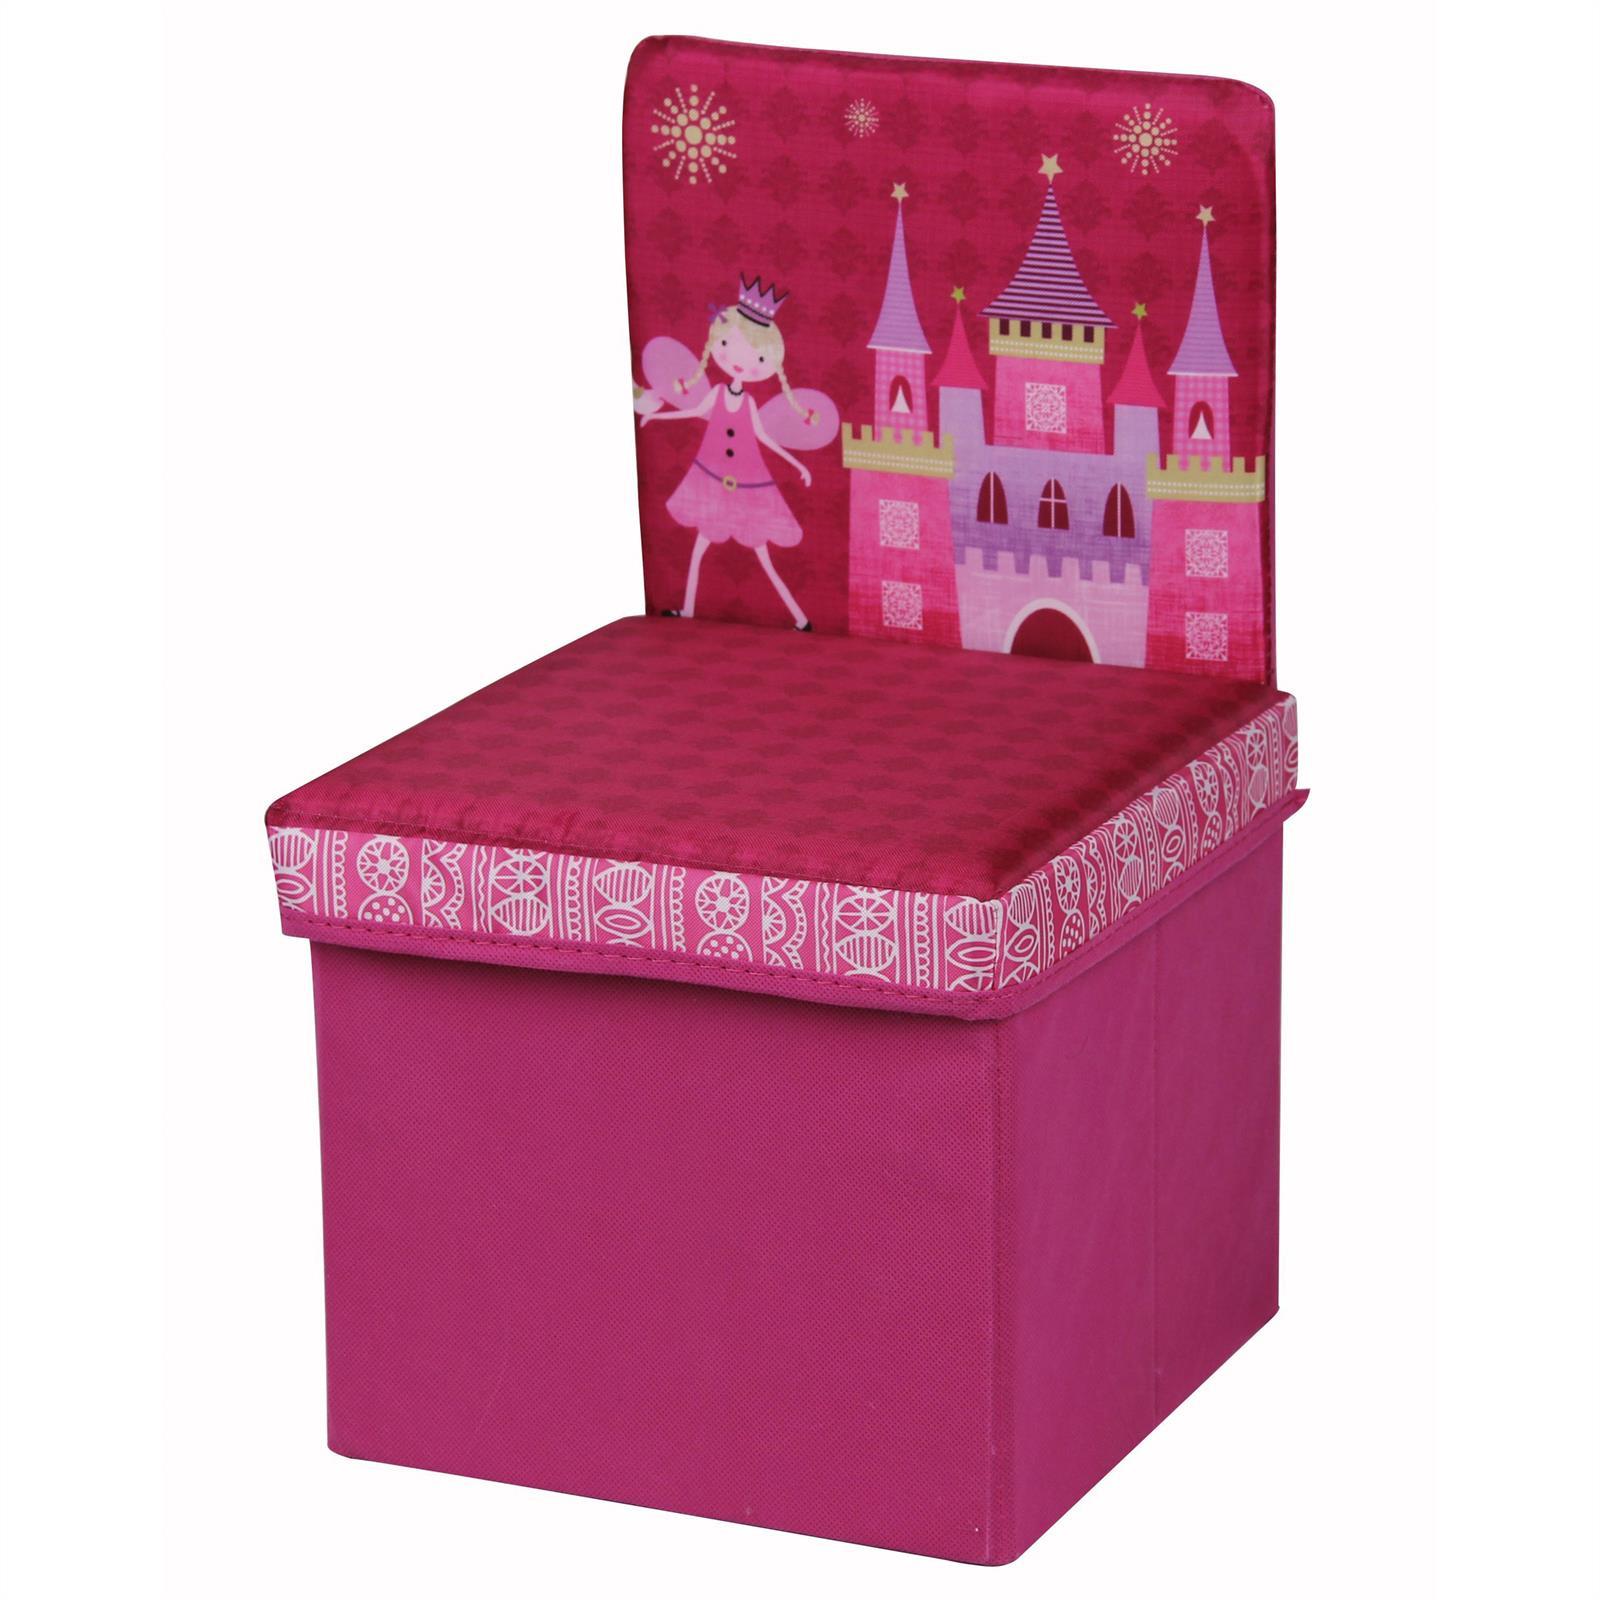 Kinderstuhl sitzhocker aufbewahrungsbox faltsessel for Kinderzimmer aufbewahrungsbox